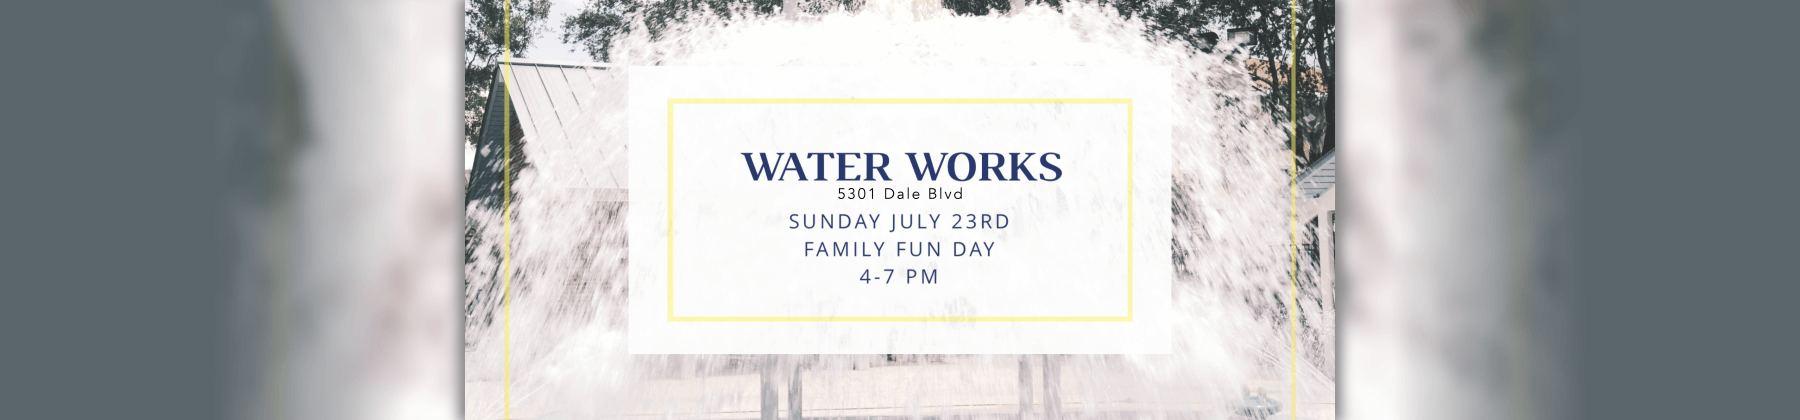 water-work-web-banner-v2-compressed